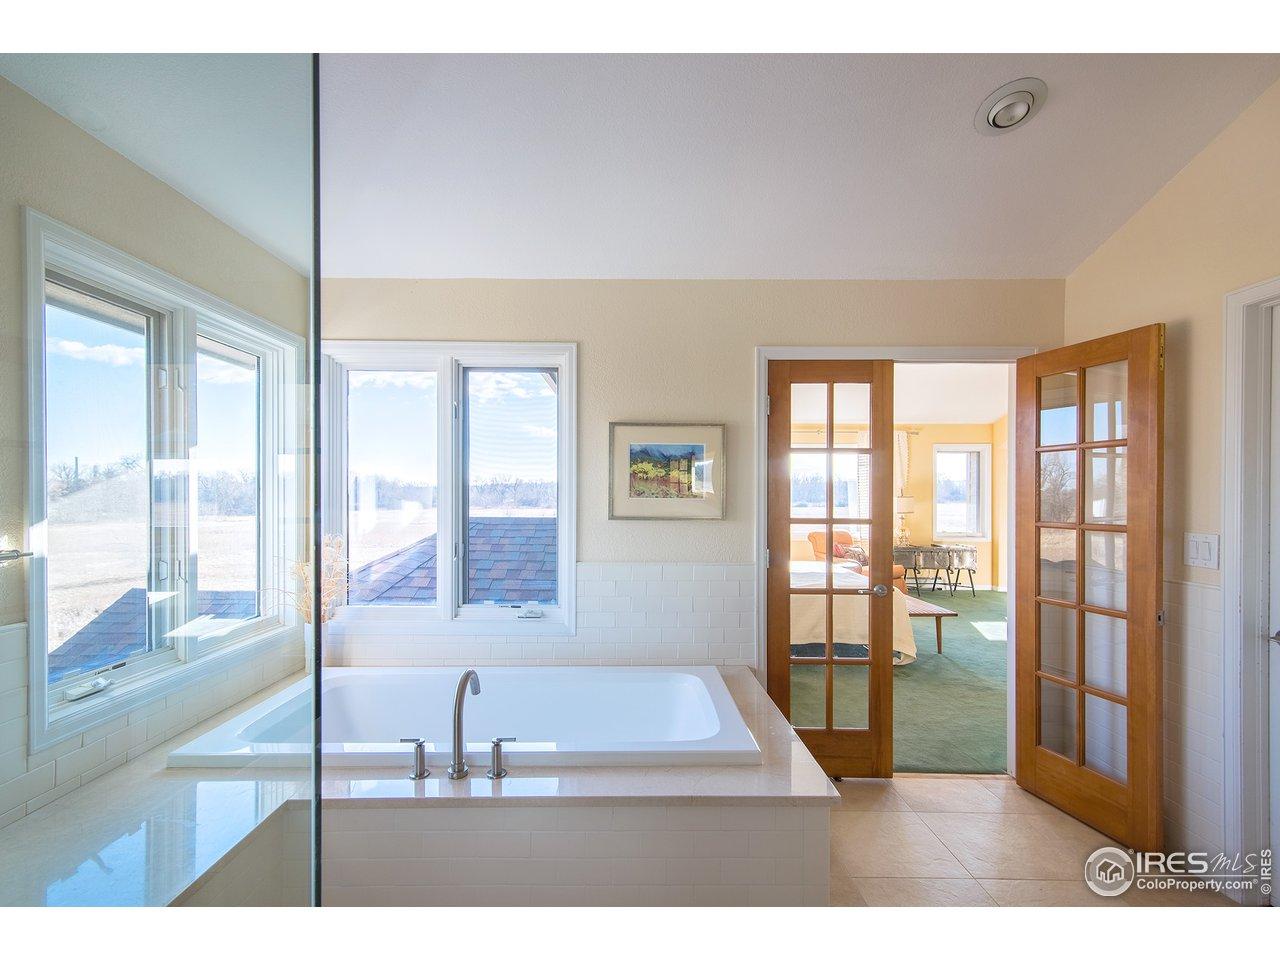 steam shower/soaking tub & heated floors!